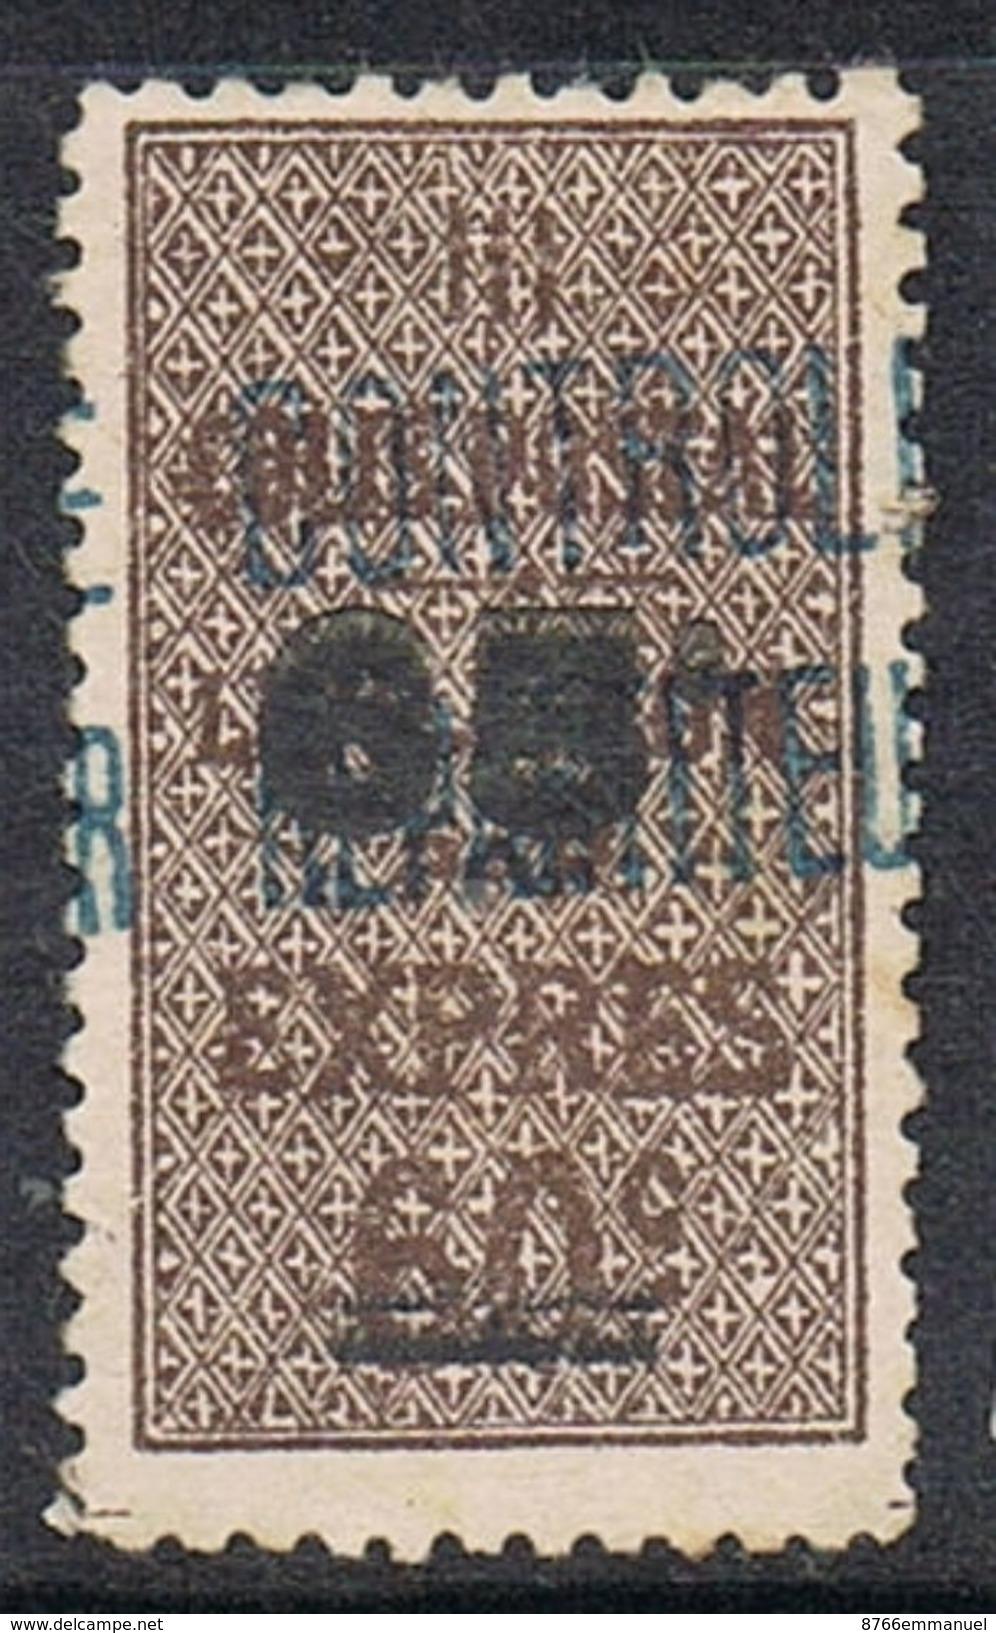 """ALGERIE COLIS POSTAL N°15 N**  Variété Surcharge """"65c"""" Doublée, Barre Inférieure épaisse Et Surcharge Bleue - Algérie (1924-1962)"""